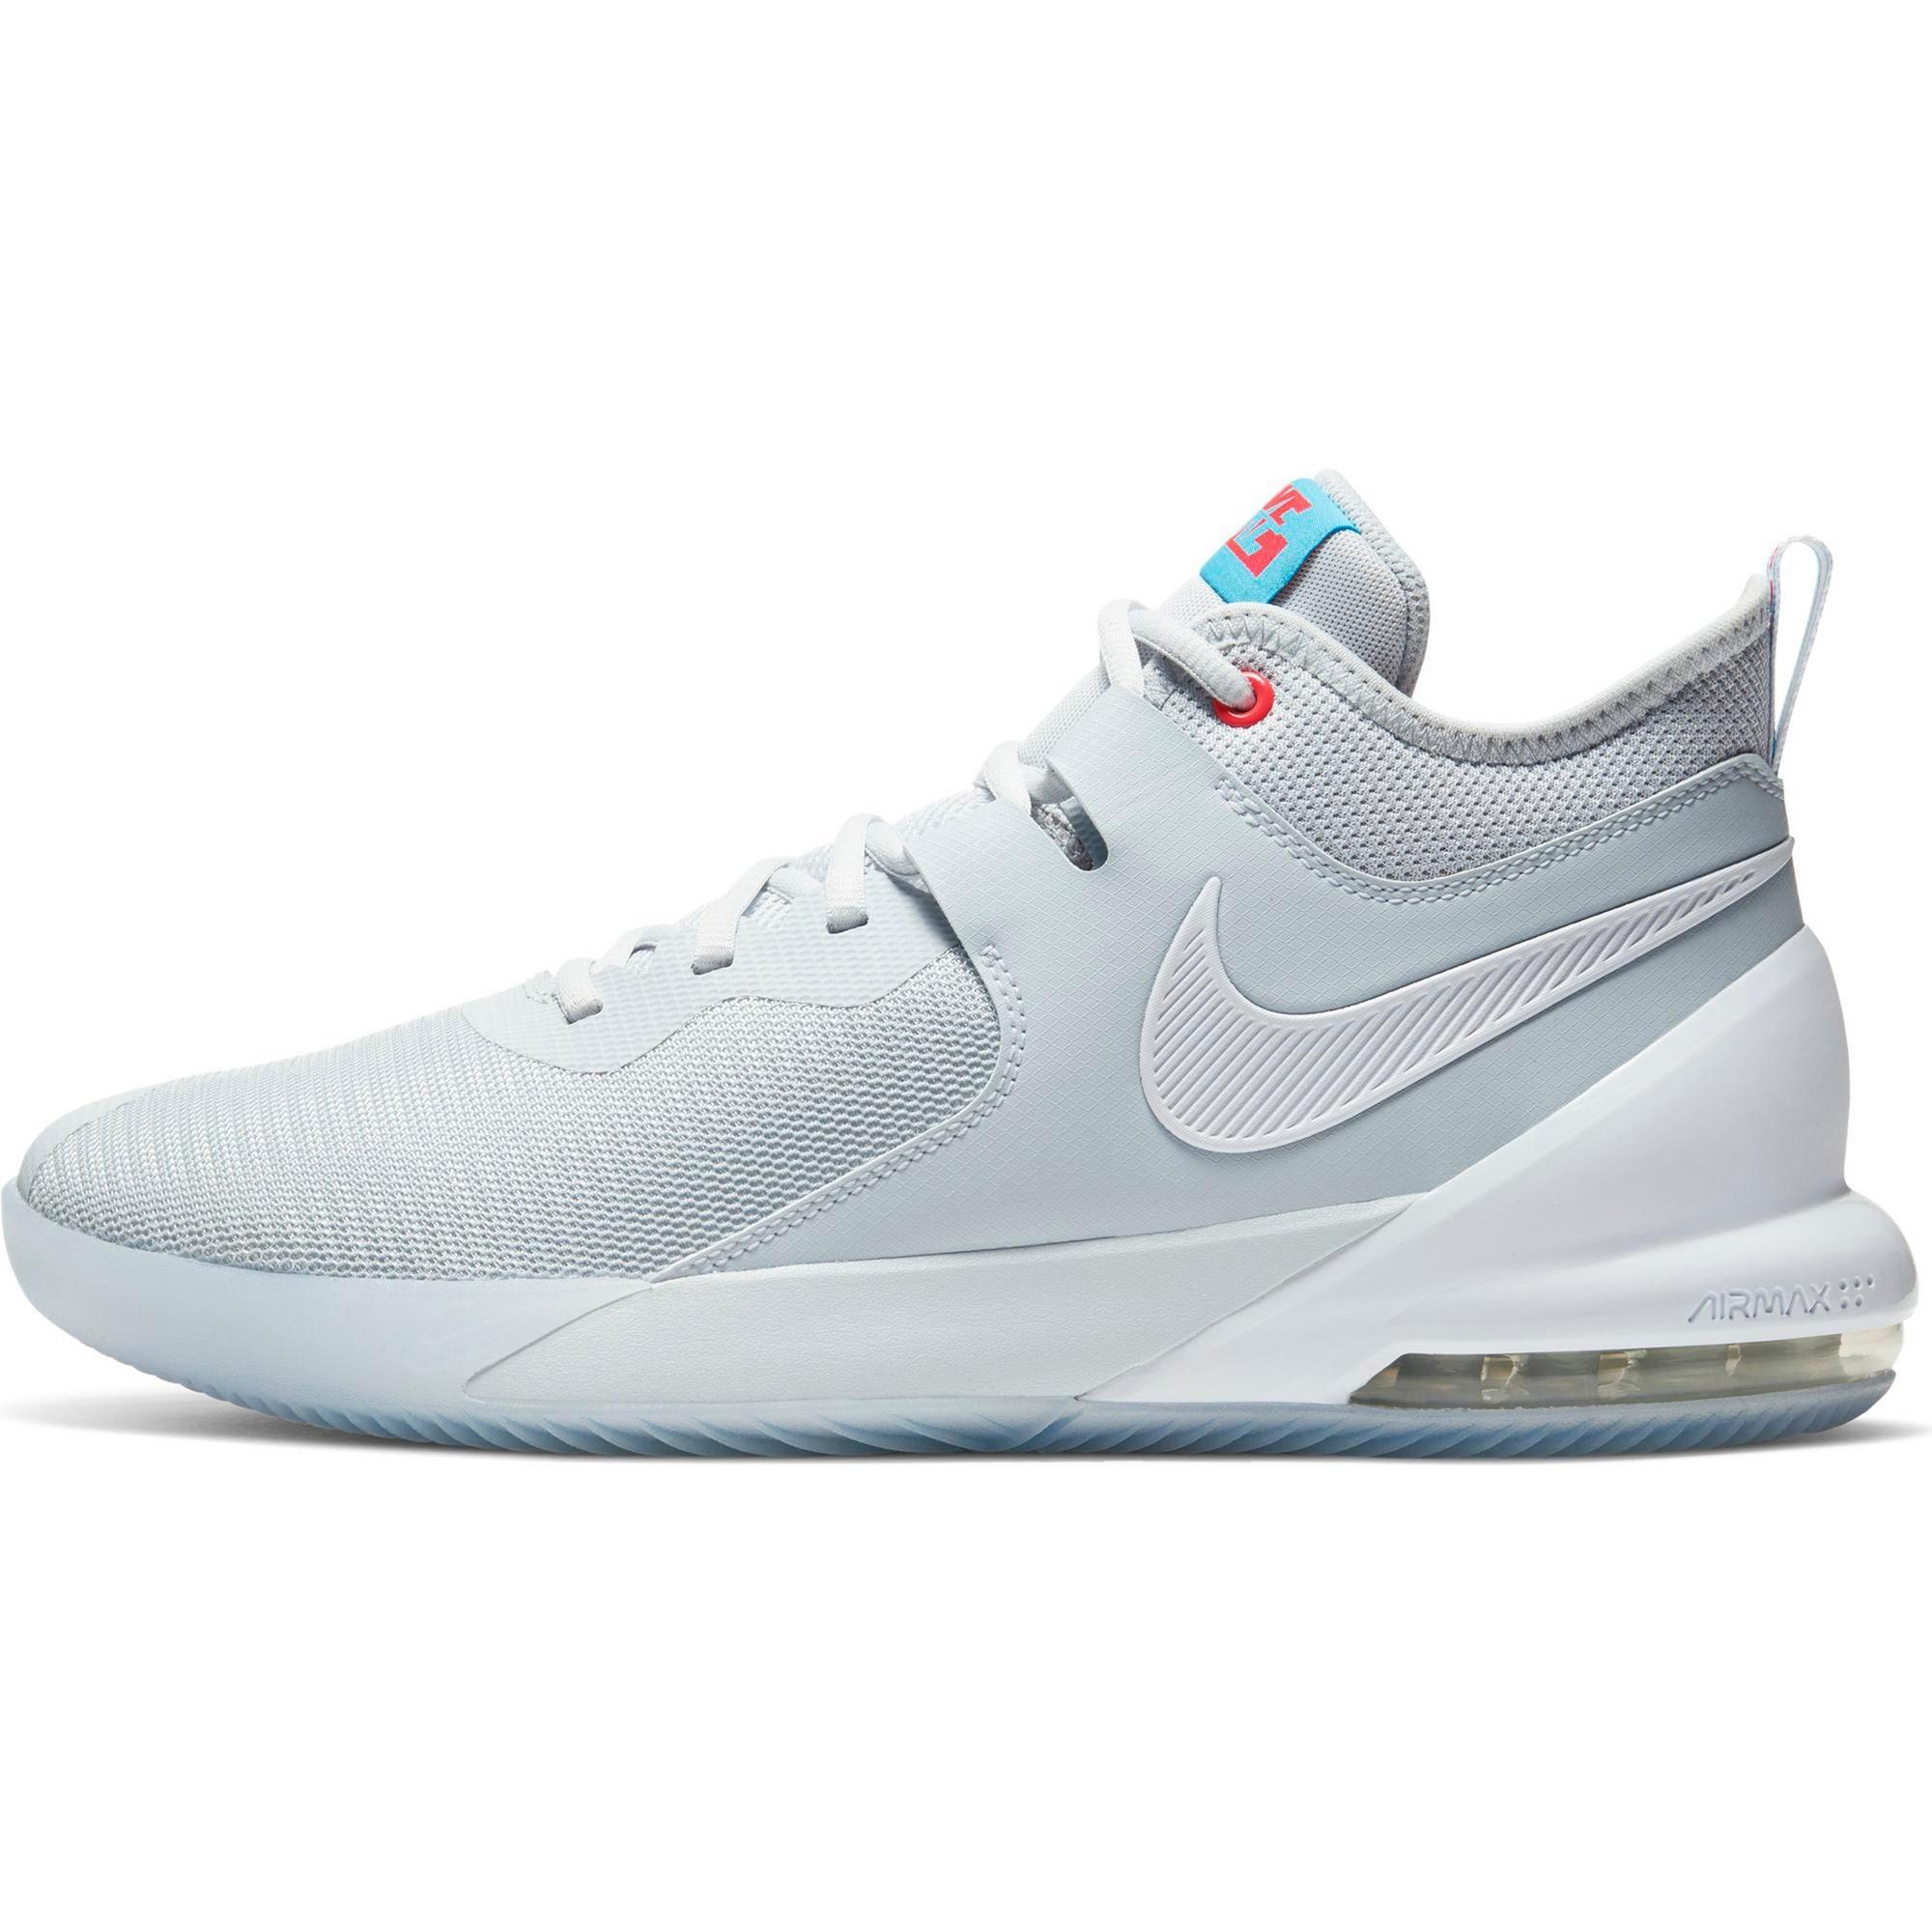 Basketballschuhe 'Air Max Impact' | Schuhe > Sportschuhe > Basketballschuhe | Nike